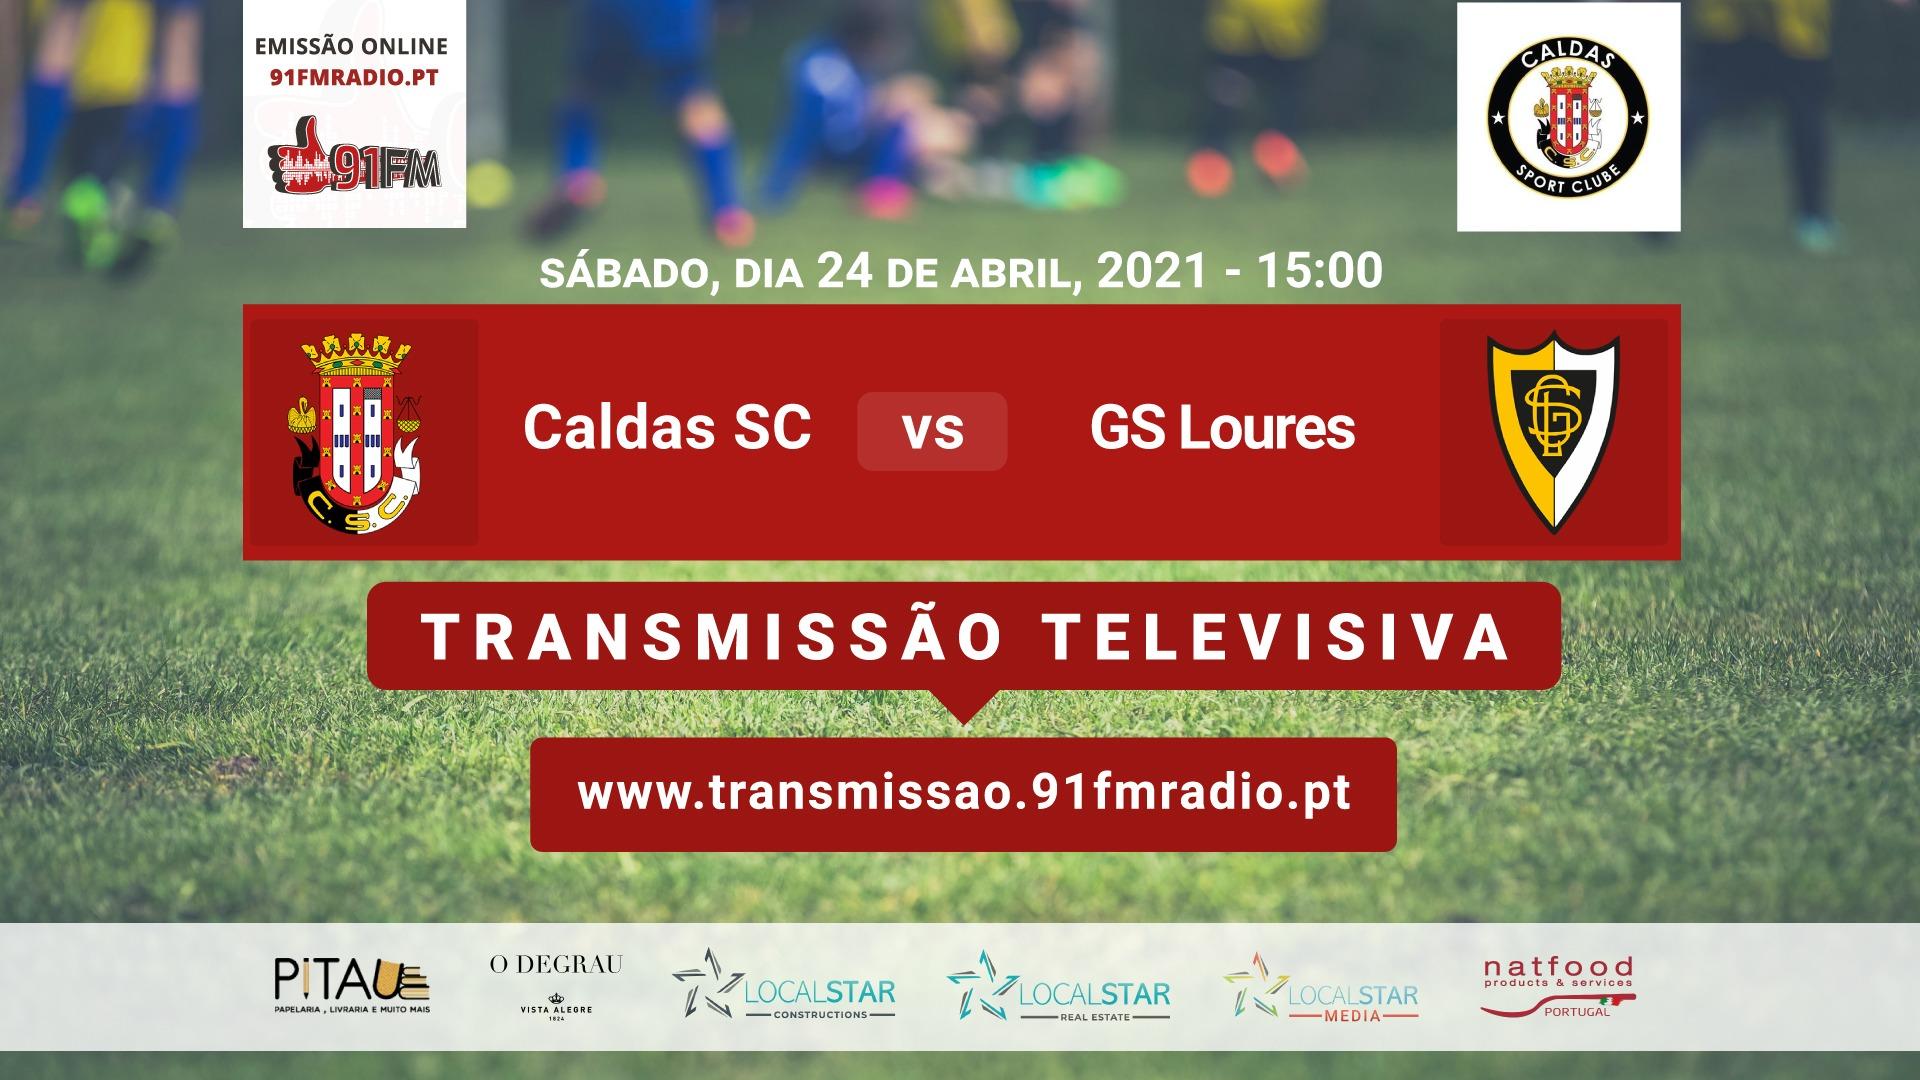 Caldas SC x GS Loures - Sábado, 24 de abril